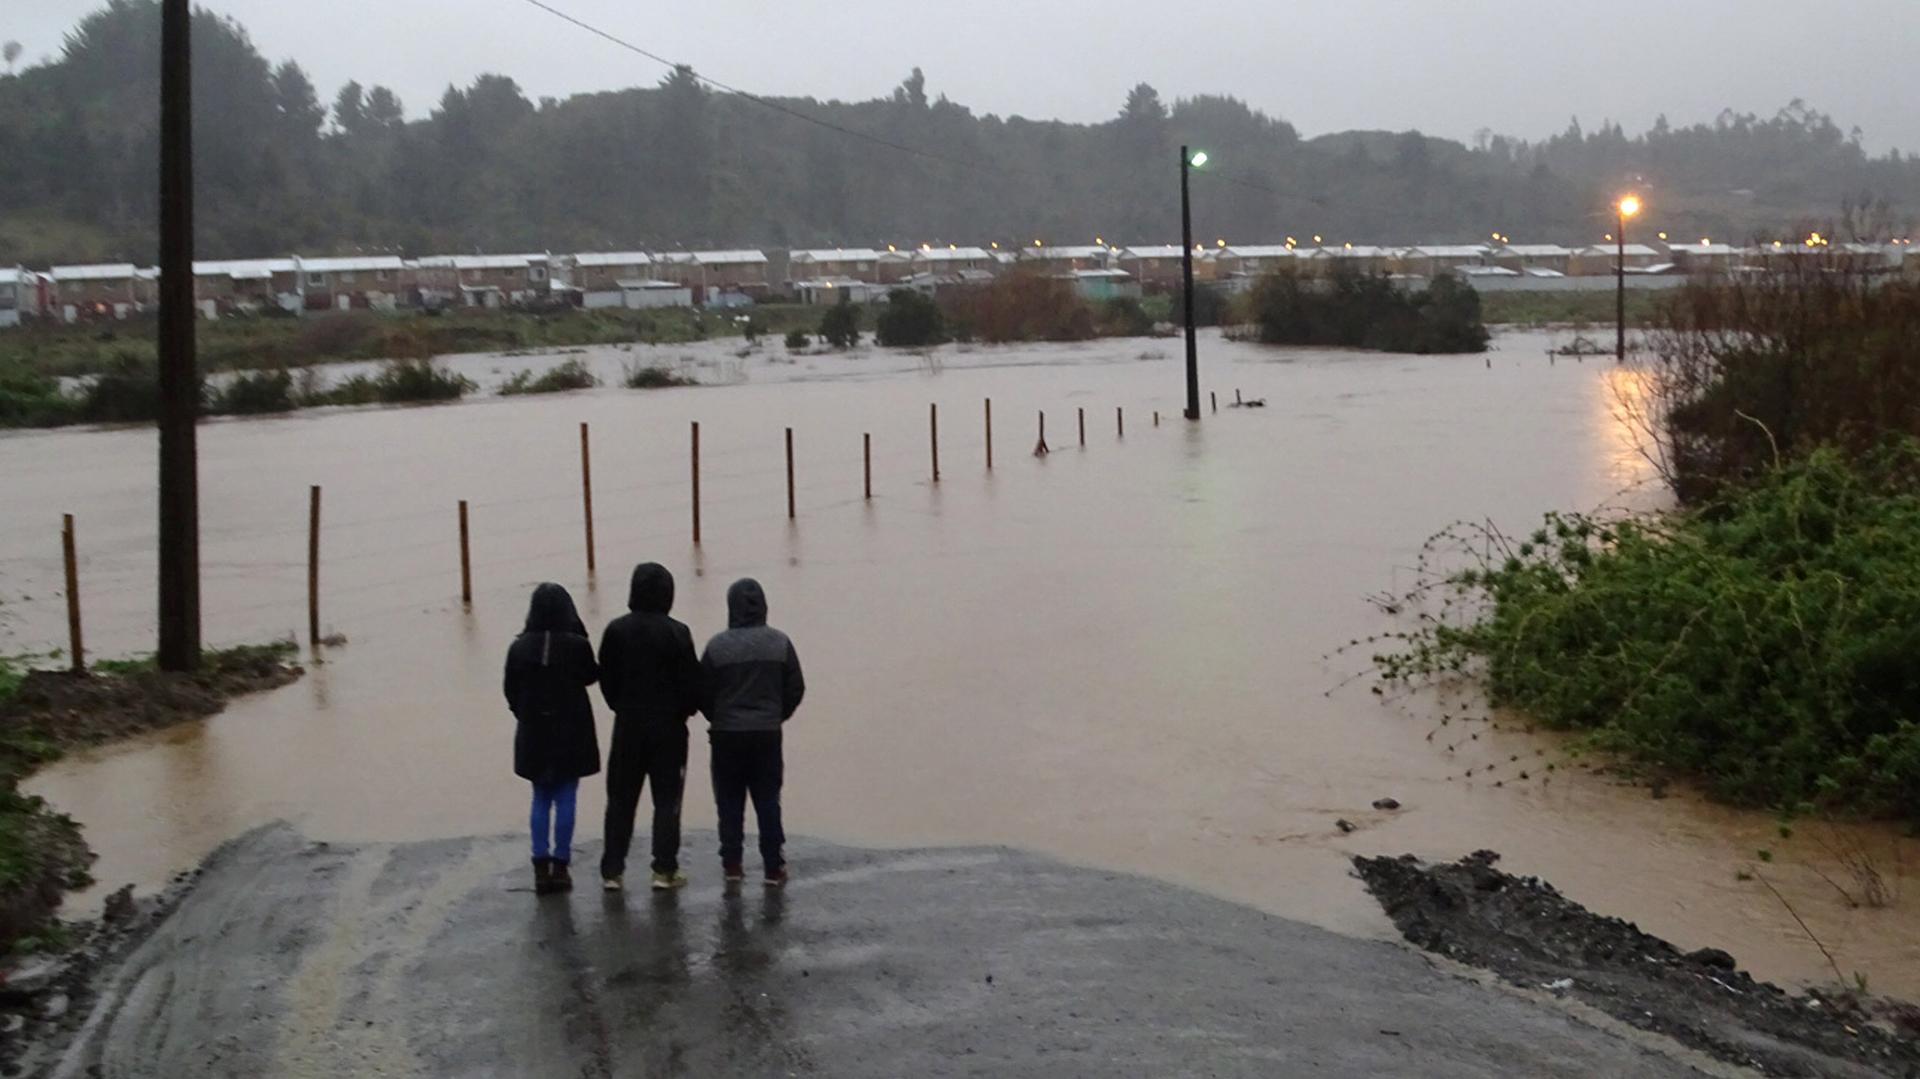 Una zona inundada por las lluvias torrenciales que causaron el desbordamiento de un río en la ciudad de Curanilahue, al sur de Chile